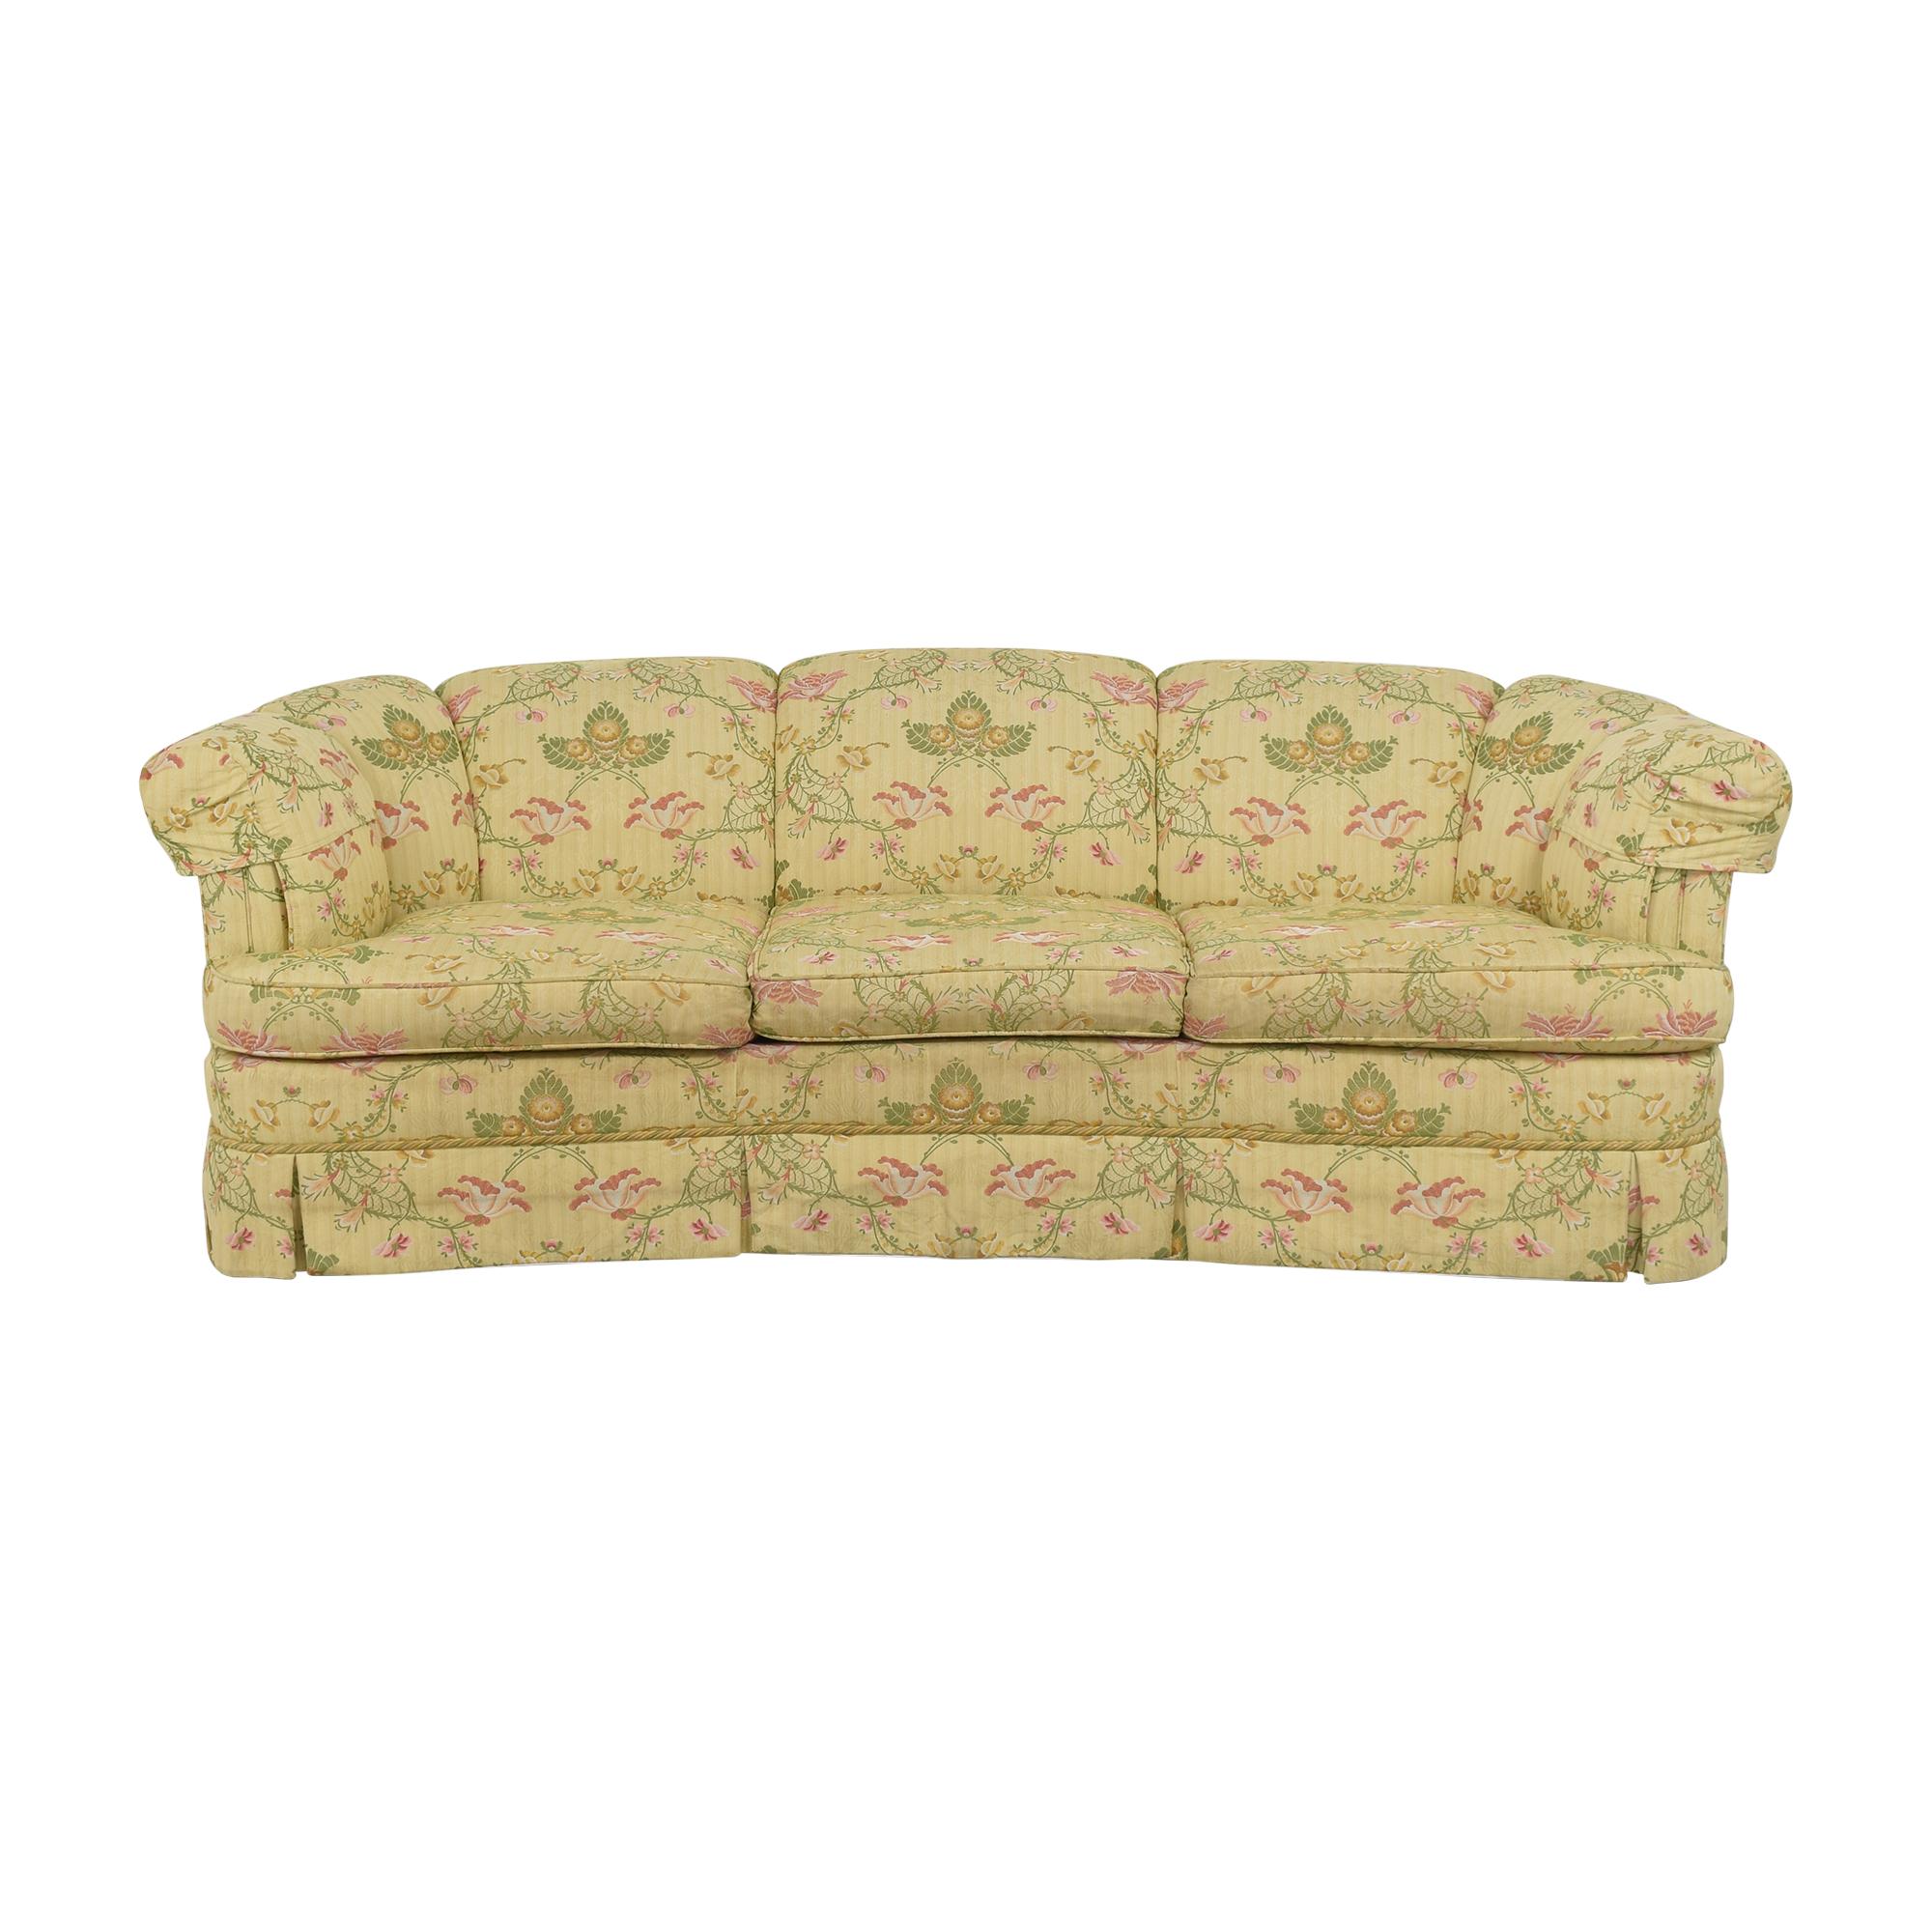 buy Kindel Floral Crescent Sofa Kindel